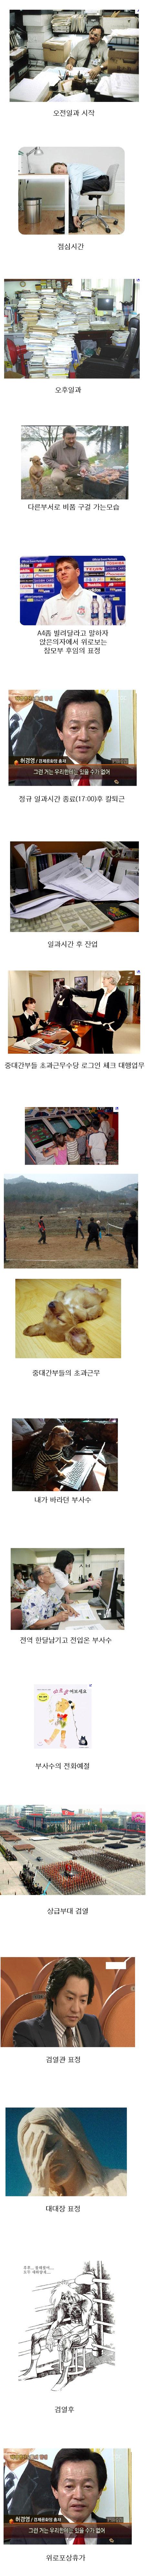 한국 행정병의 하루